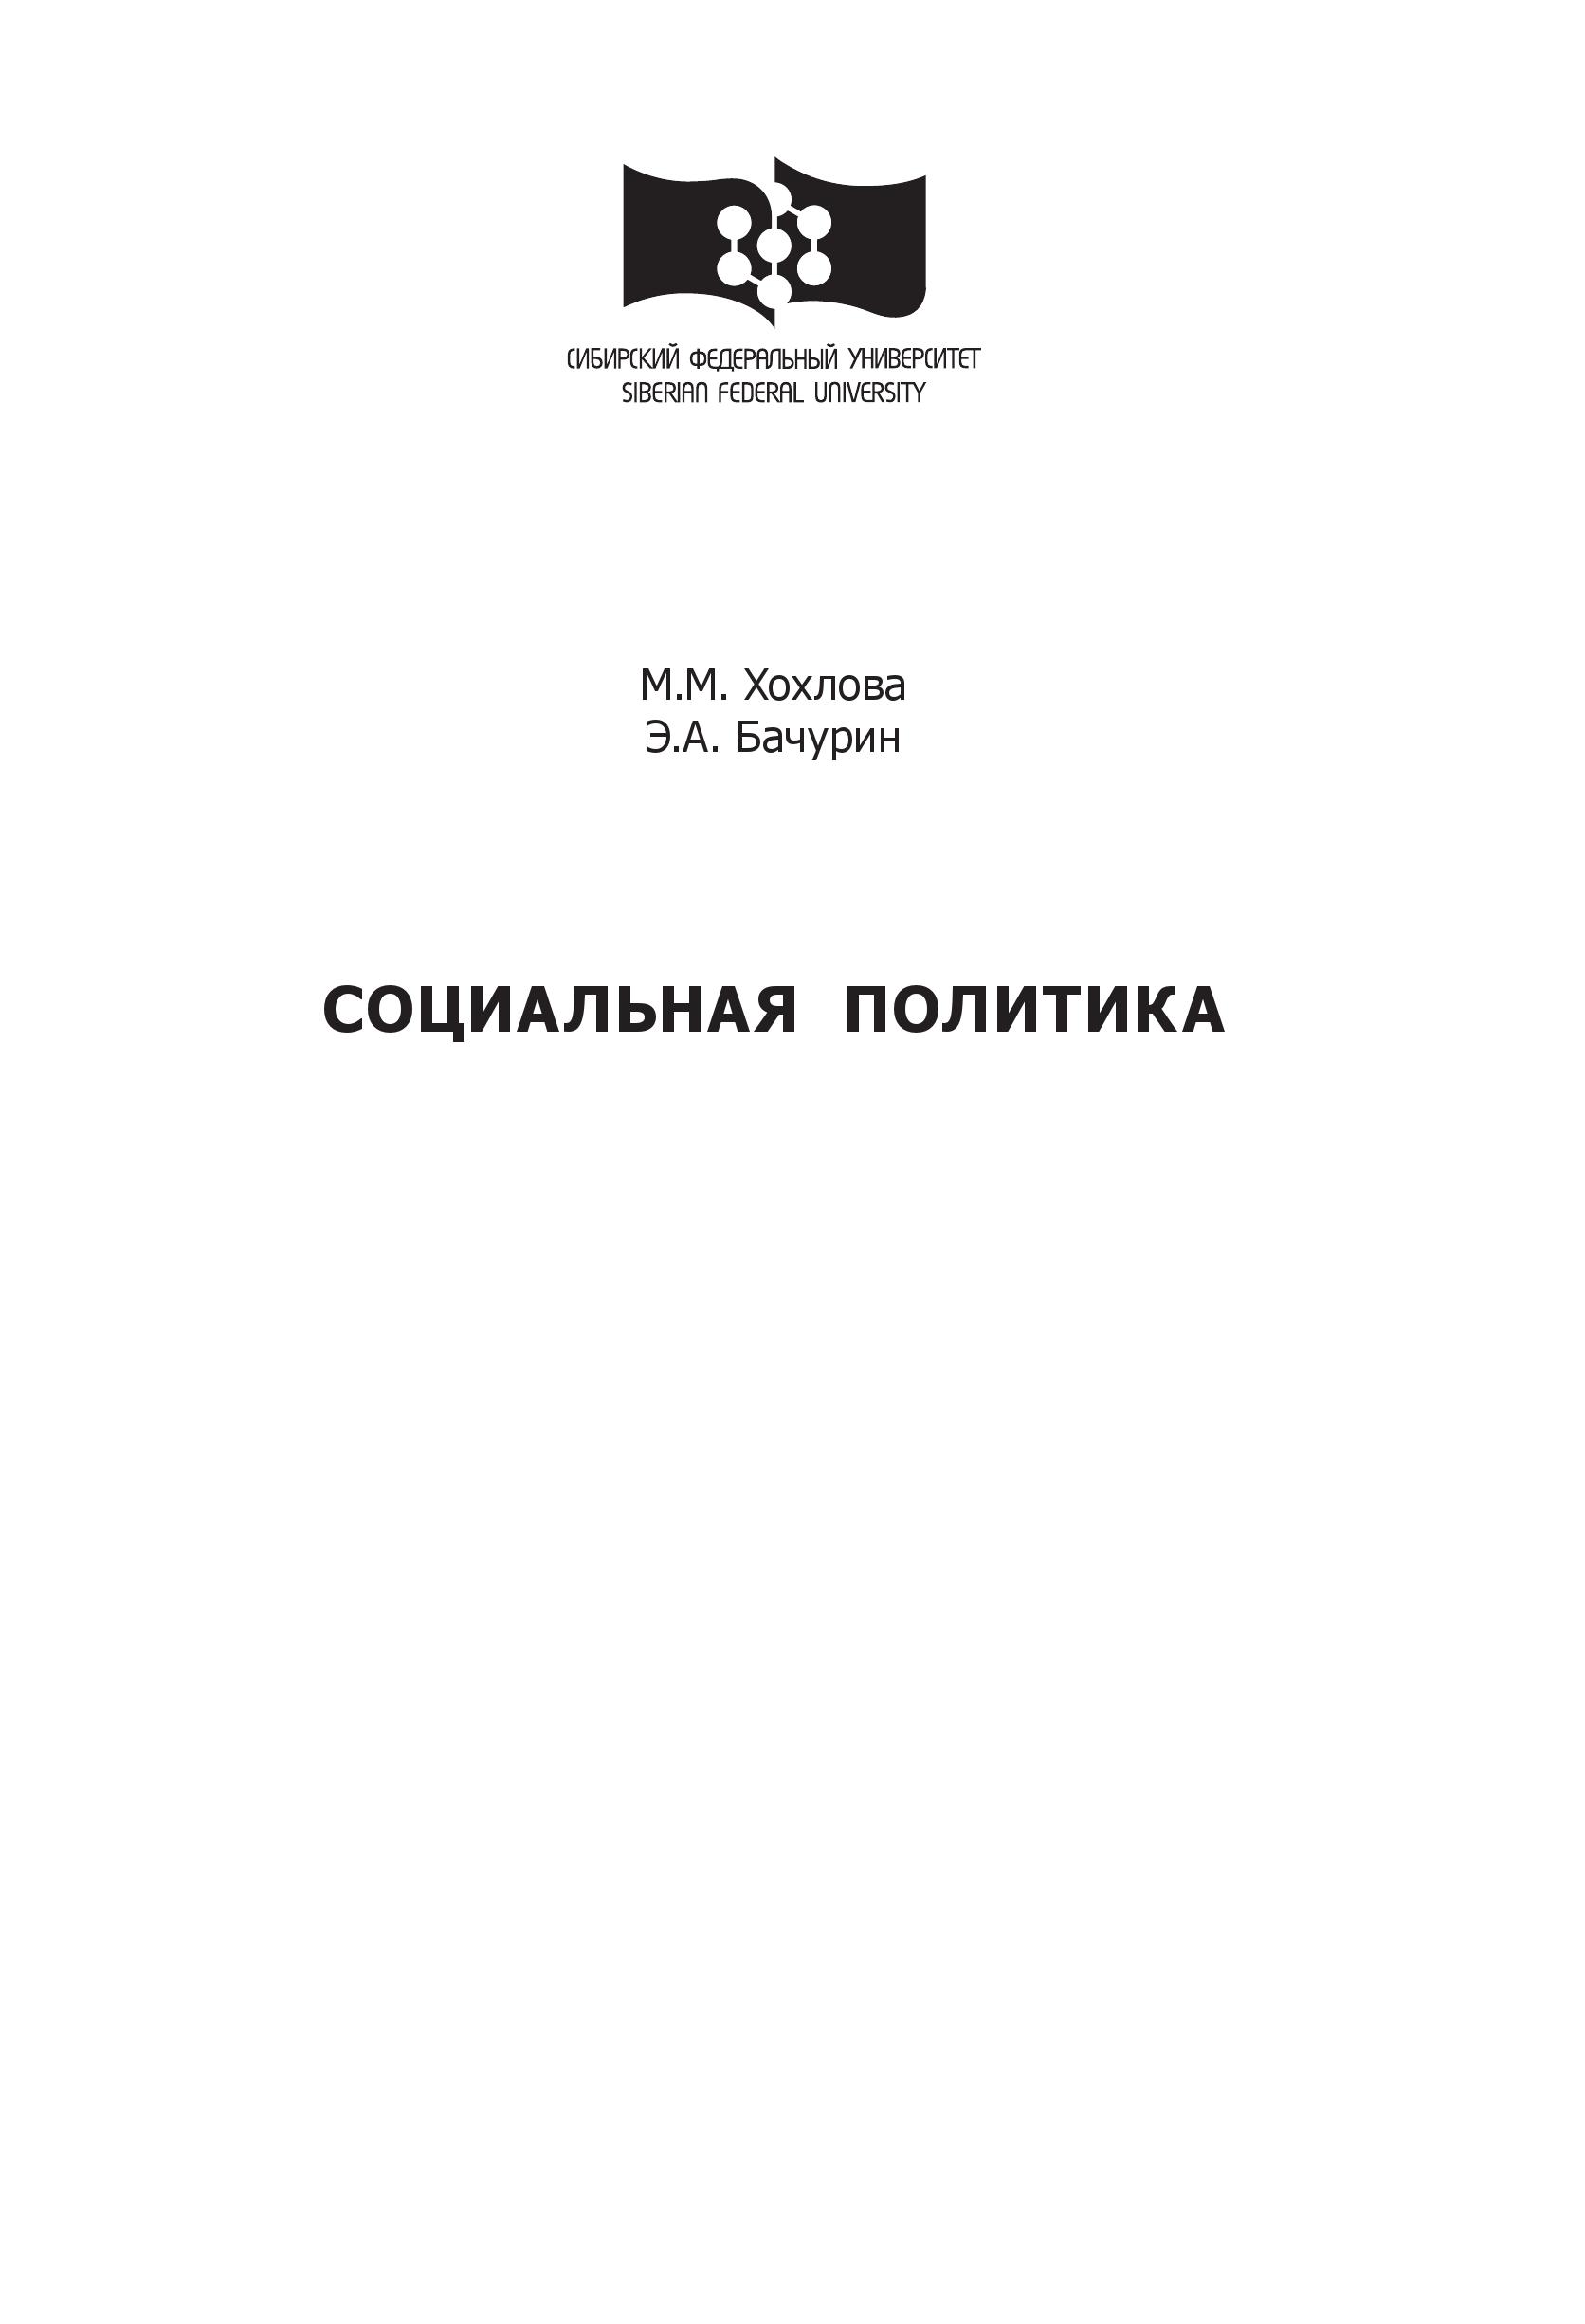 Мария Хохлова Социальная политика торохтия в ред социальная педагогика учебник и практикум